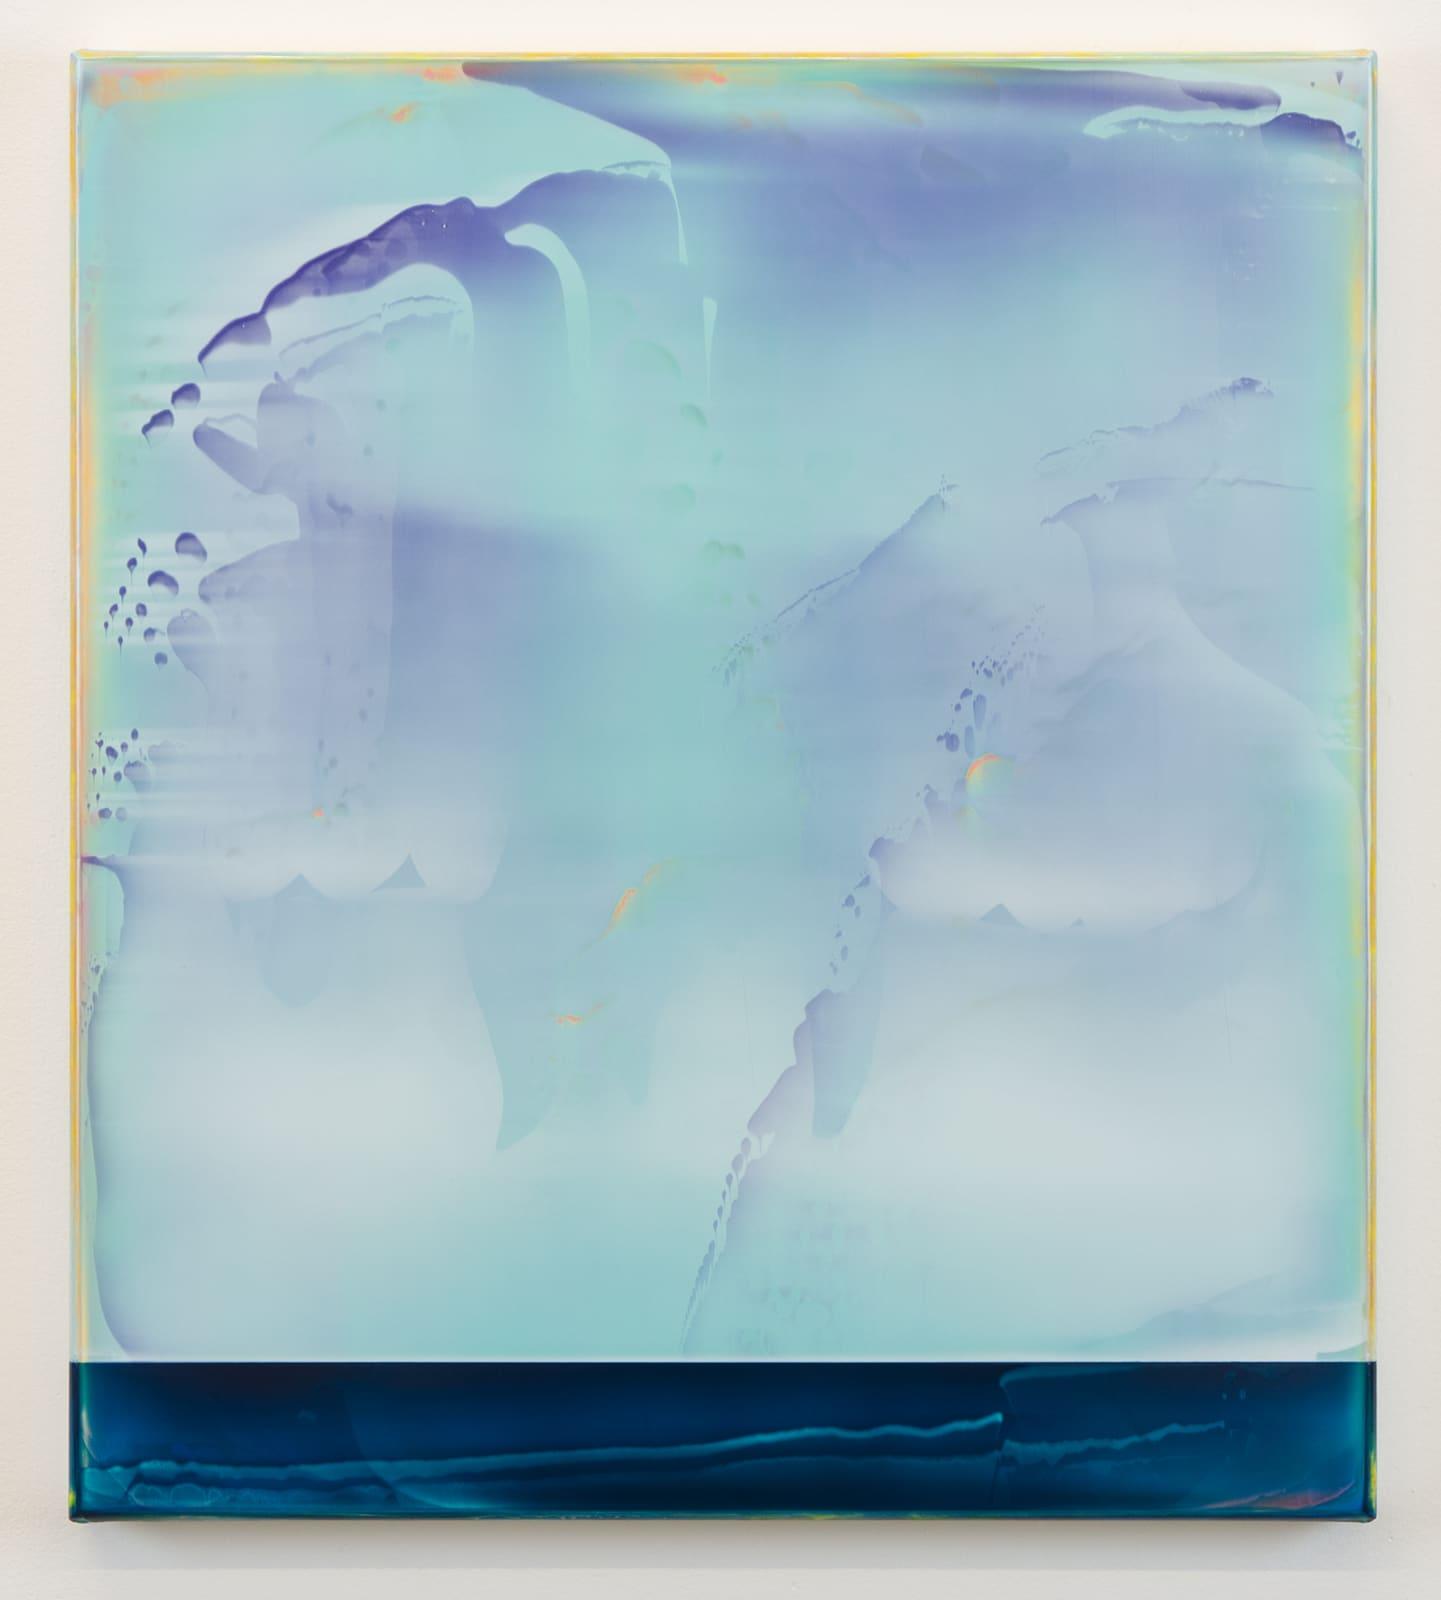 James Lumsden, Lucent (3/19) 2019